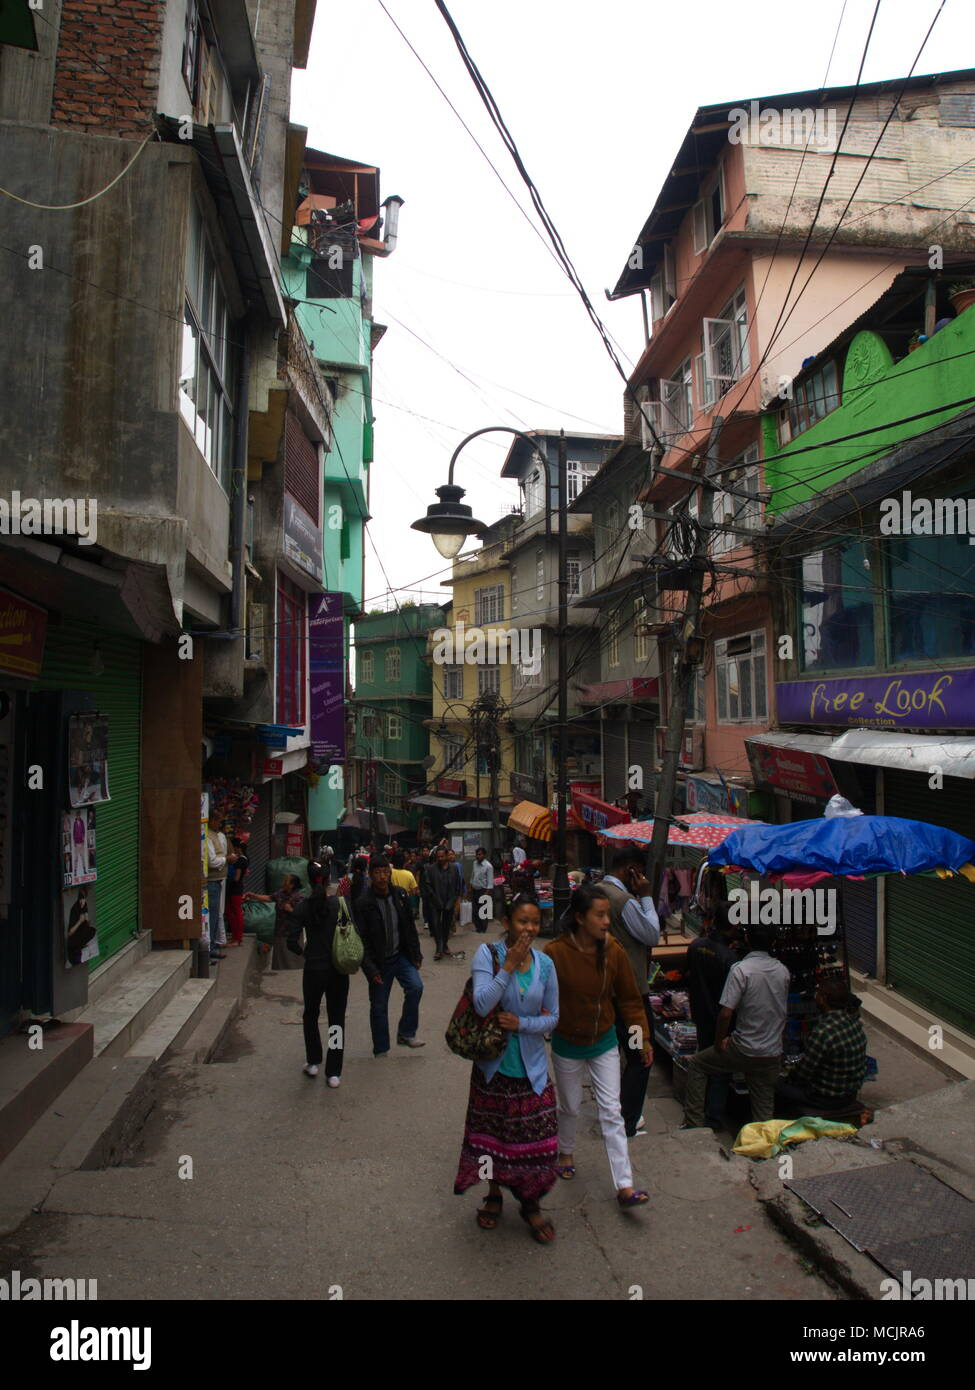 Gangtok, Sikkim, India , 17 aprile 2011 : walking street in MG Marg, il centro città di Gangtok. Gangtok è la capitale del Sikkim stato in India. Immagini Stock